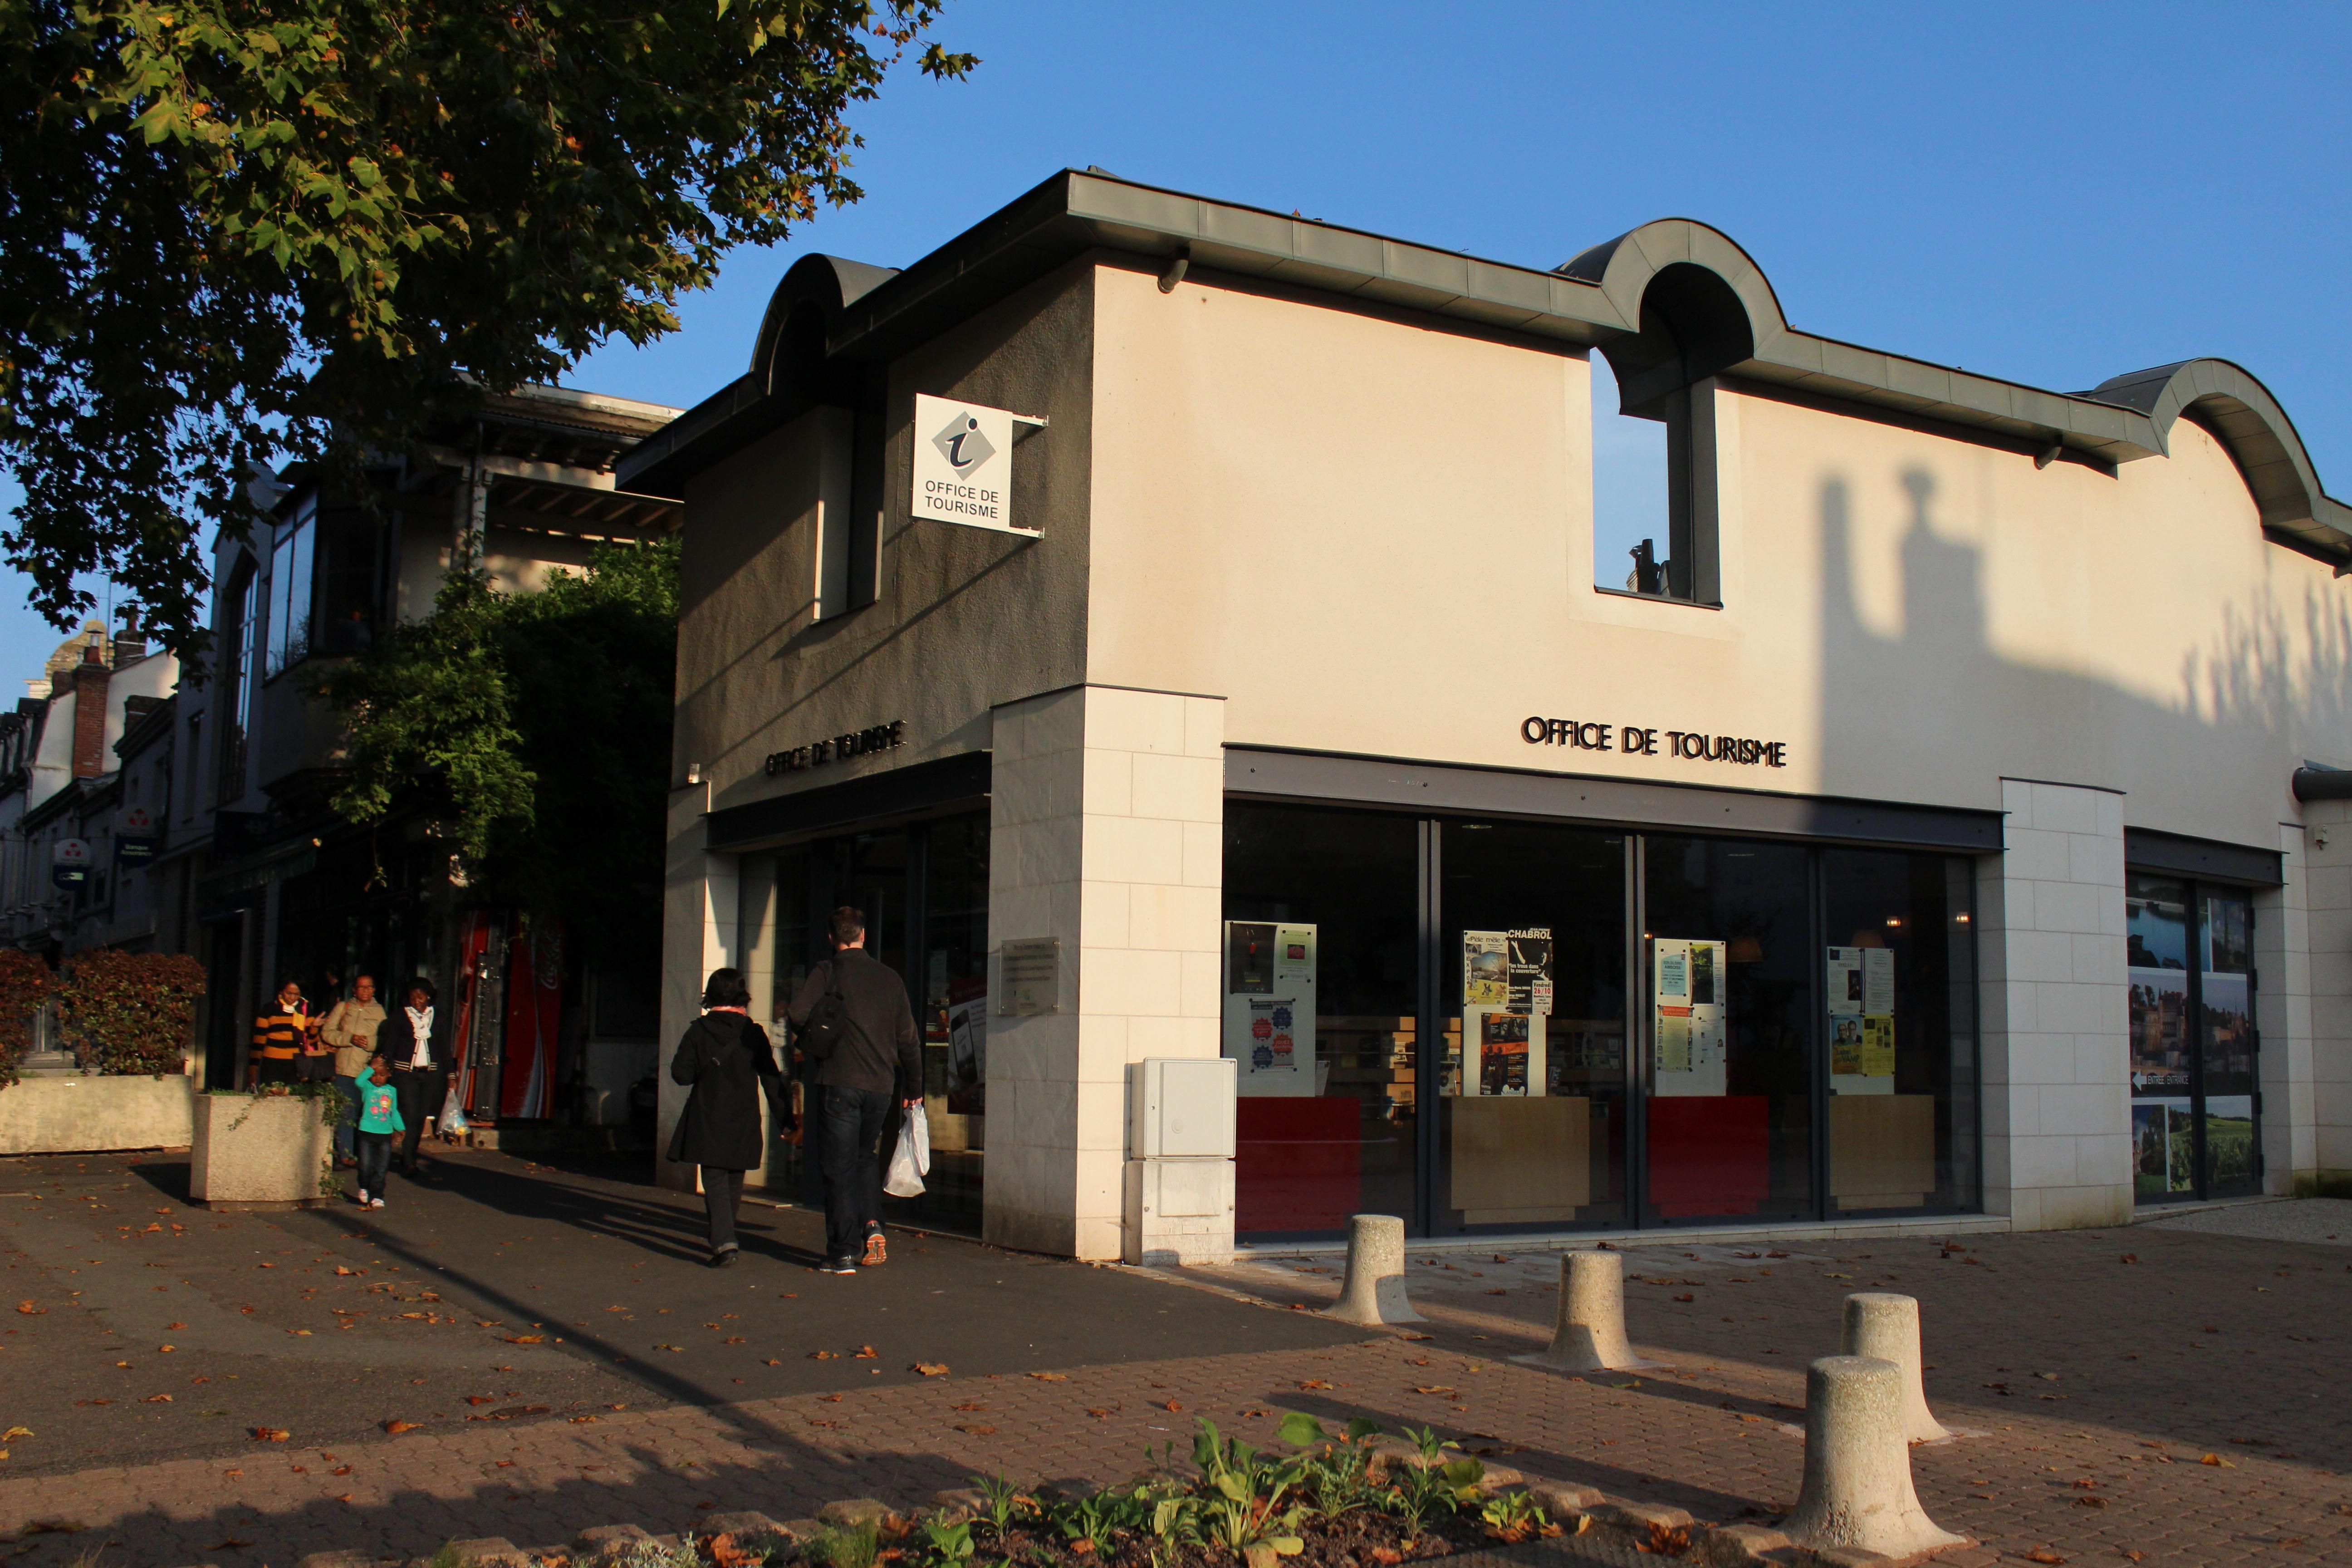 Office de tourisme val d 39 amboise - Le bourg d oisans office de tourisme ...